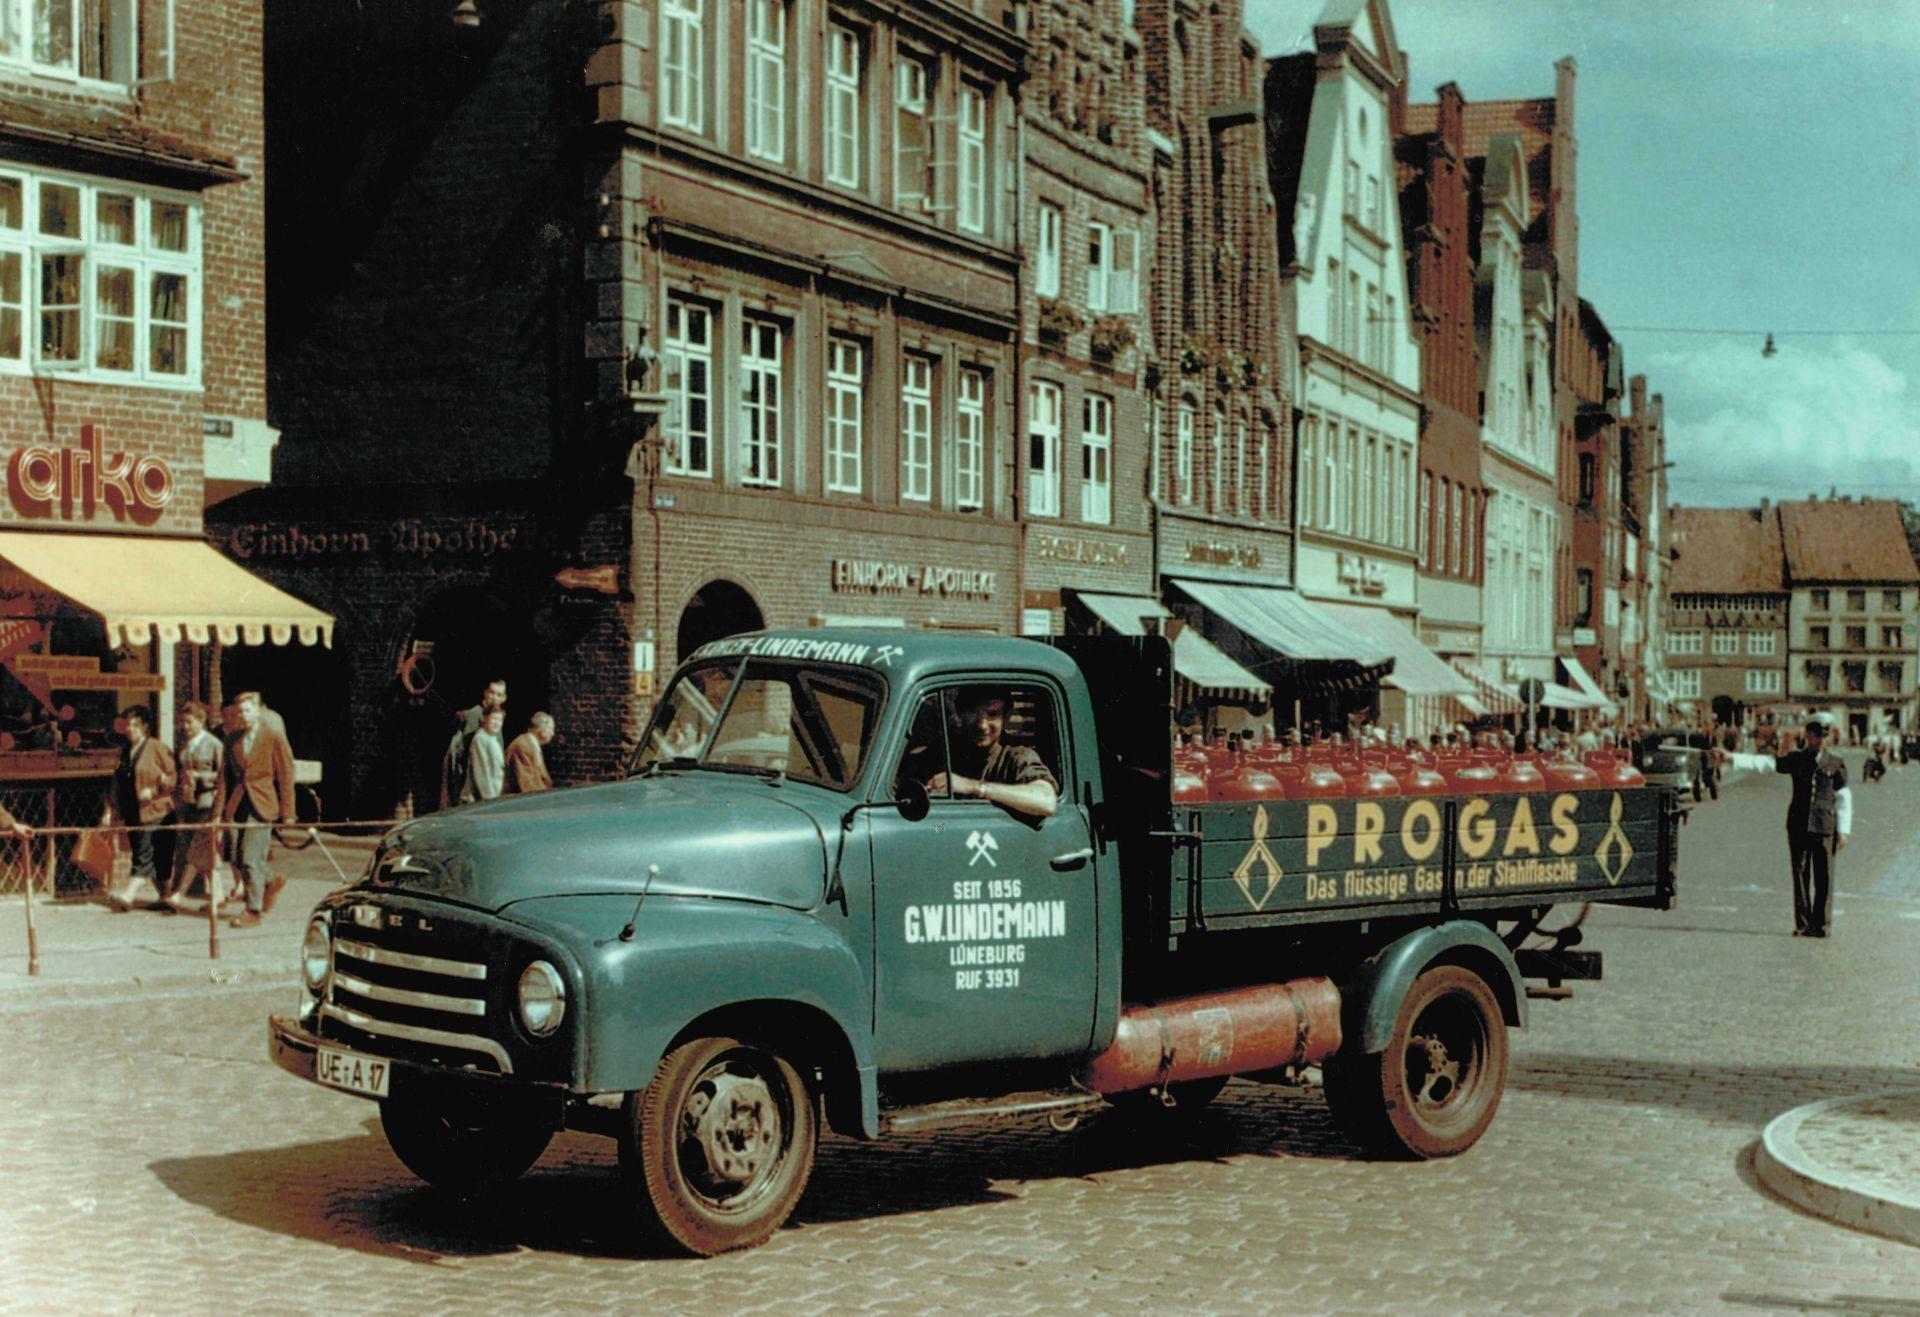 Opel-Blitz-1959-Luneburg-Am-Sande-G-W-Lindemann-Flaschengas-Lieferwagen